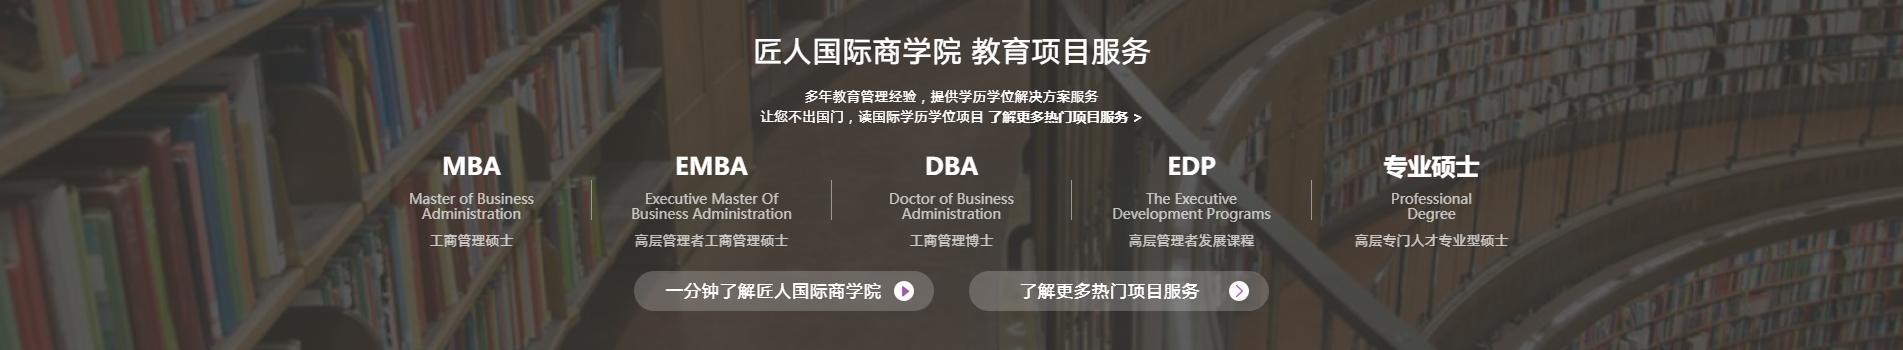 匠人国际商学院 教育项目服务